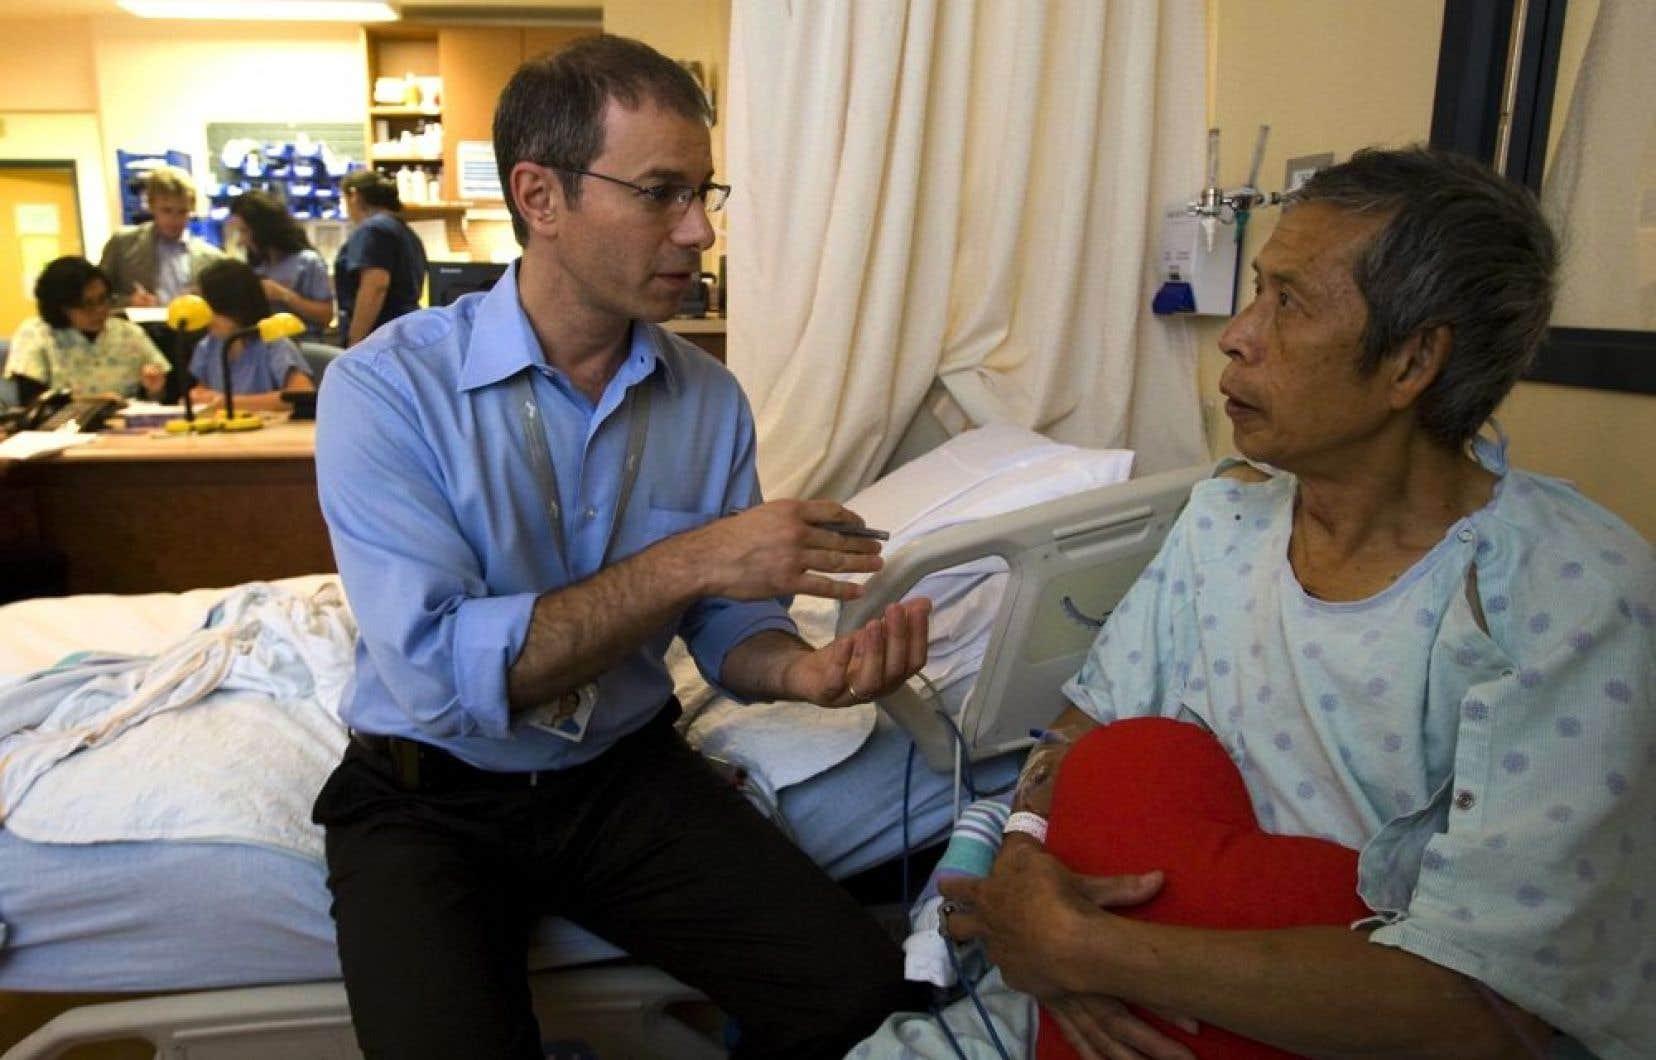 Plusieurs études montrent que la qualité de la relation médecin-patient peut contribuer à améliorer l'état de santé du malade, au point que le lien de confiance serait aussi utile que certains médicaments.